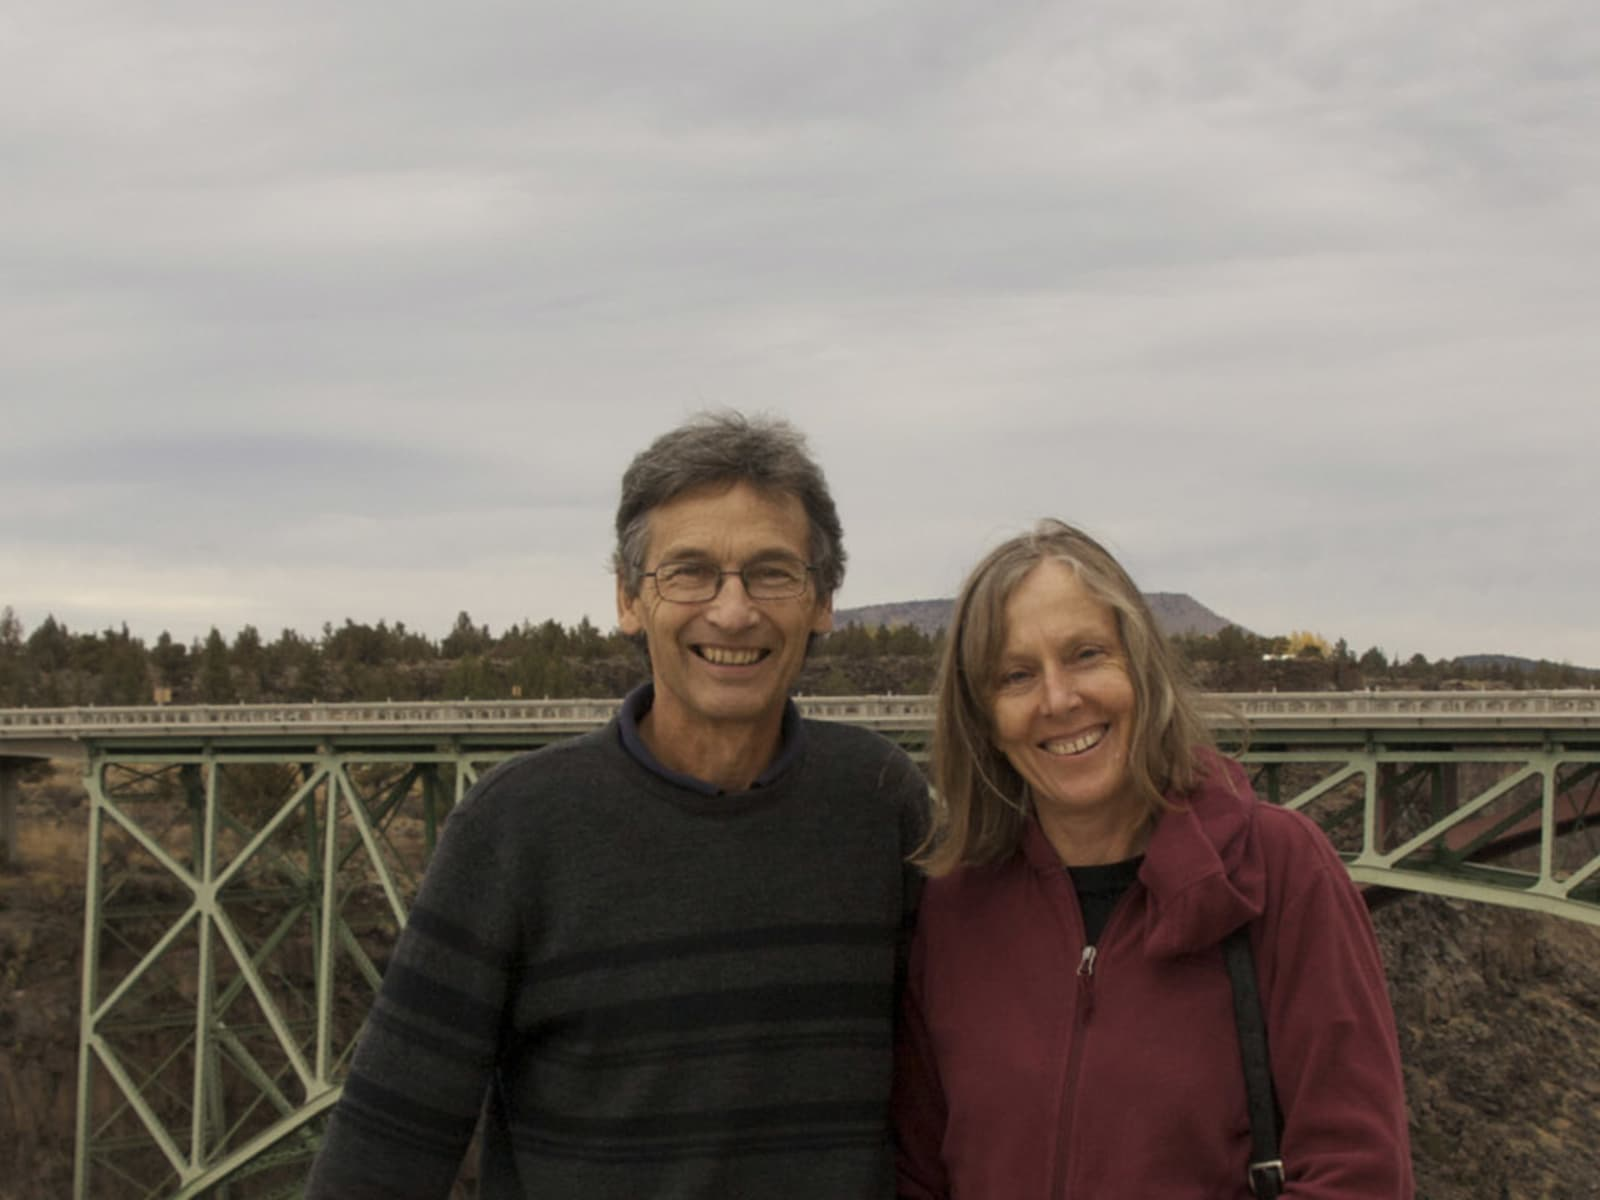 Ian & Nicola from Wellington, New Zealand